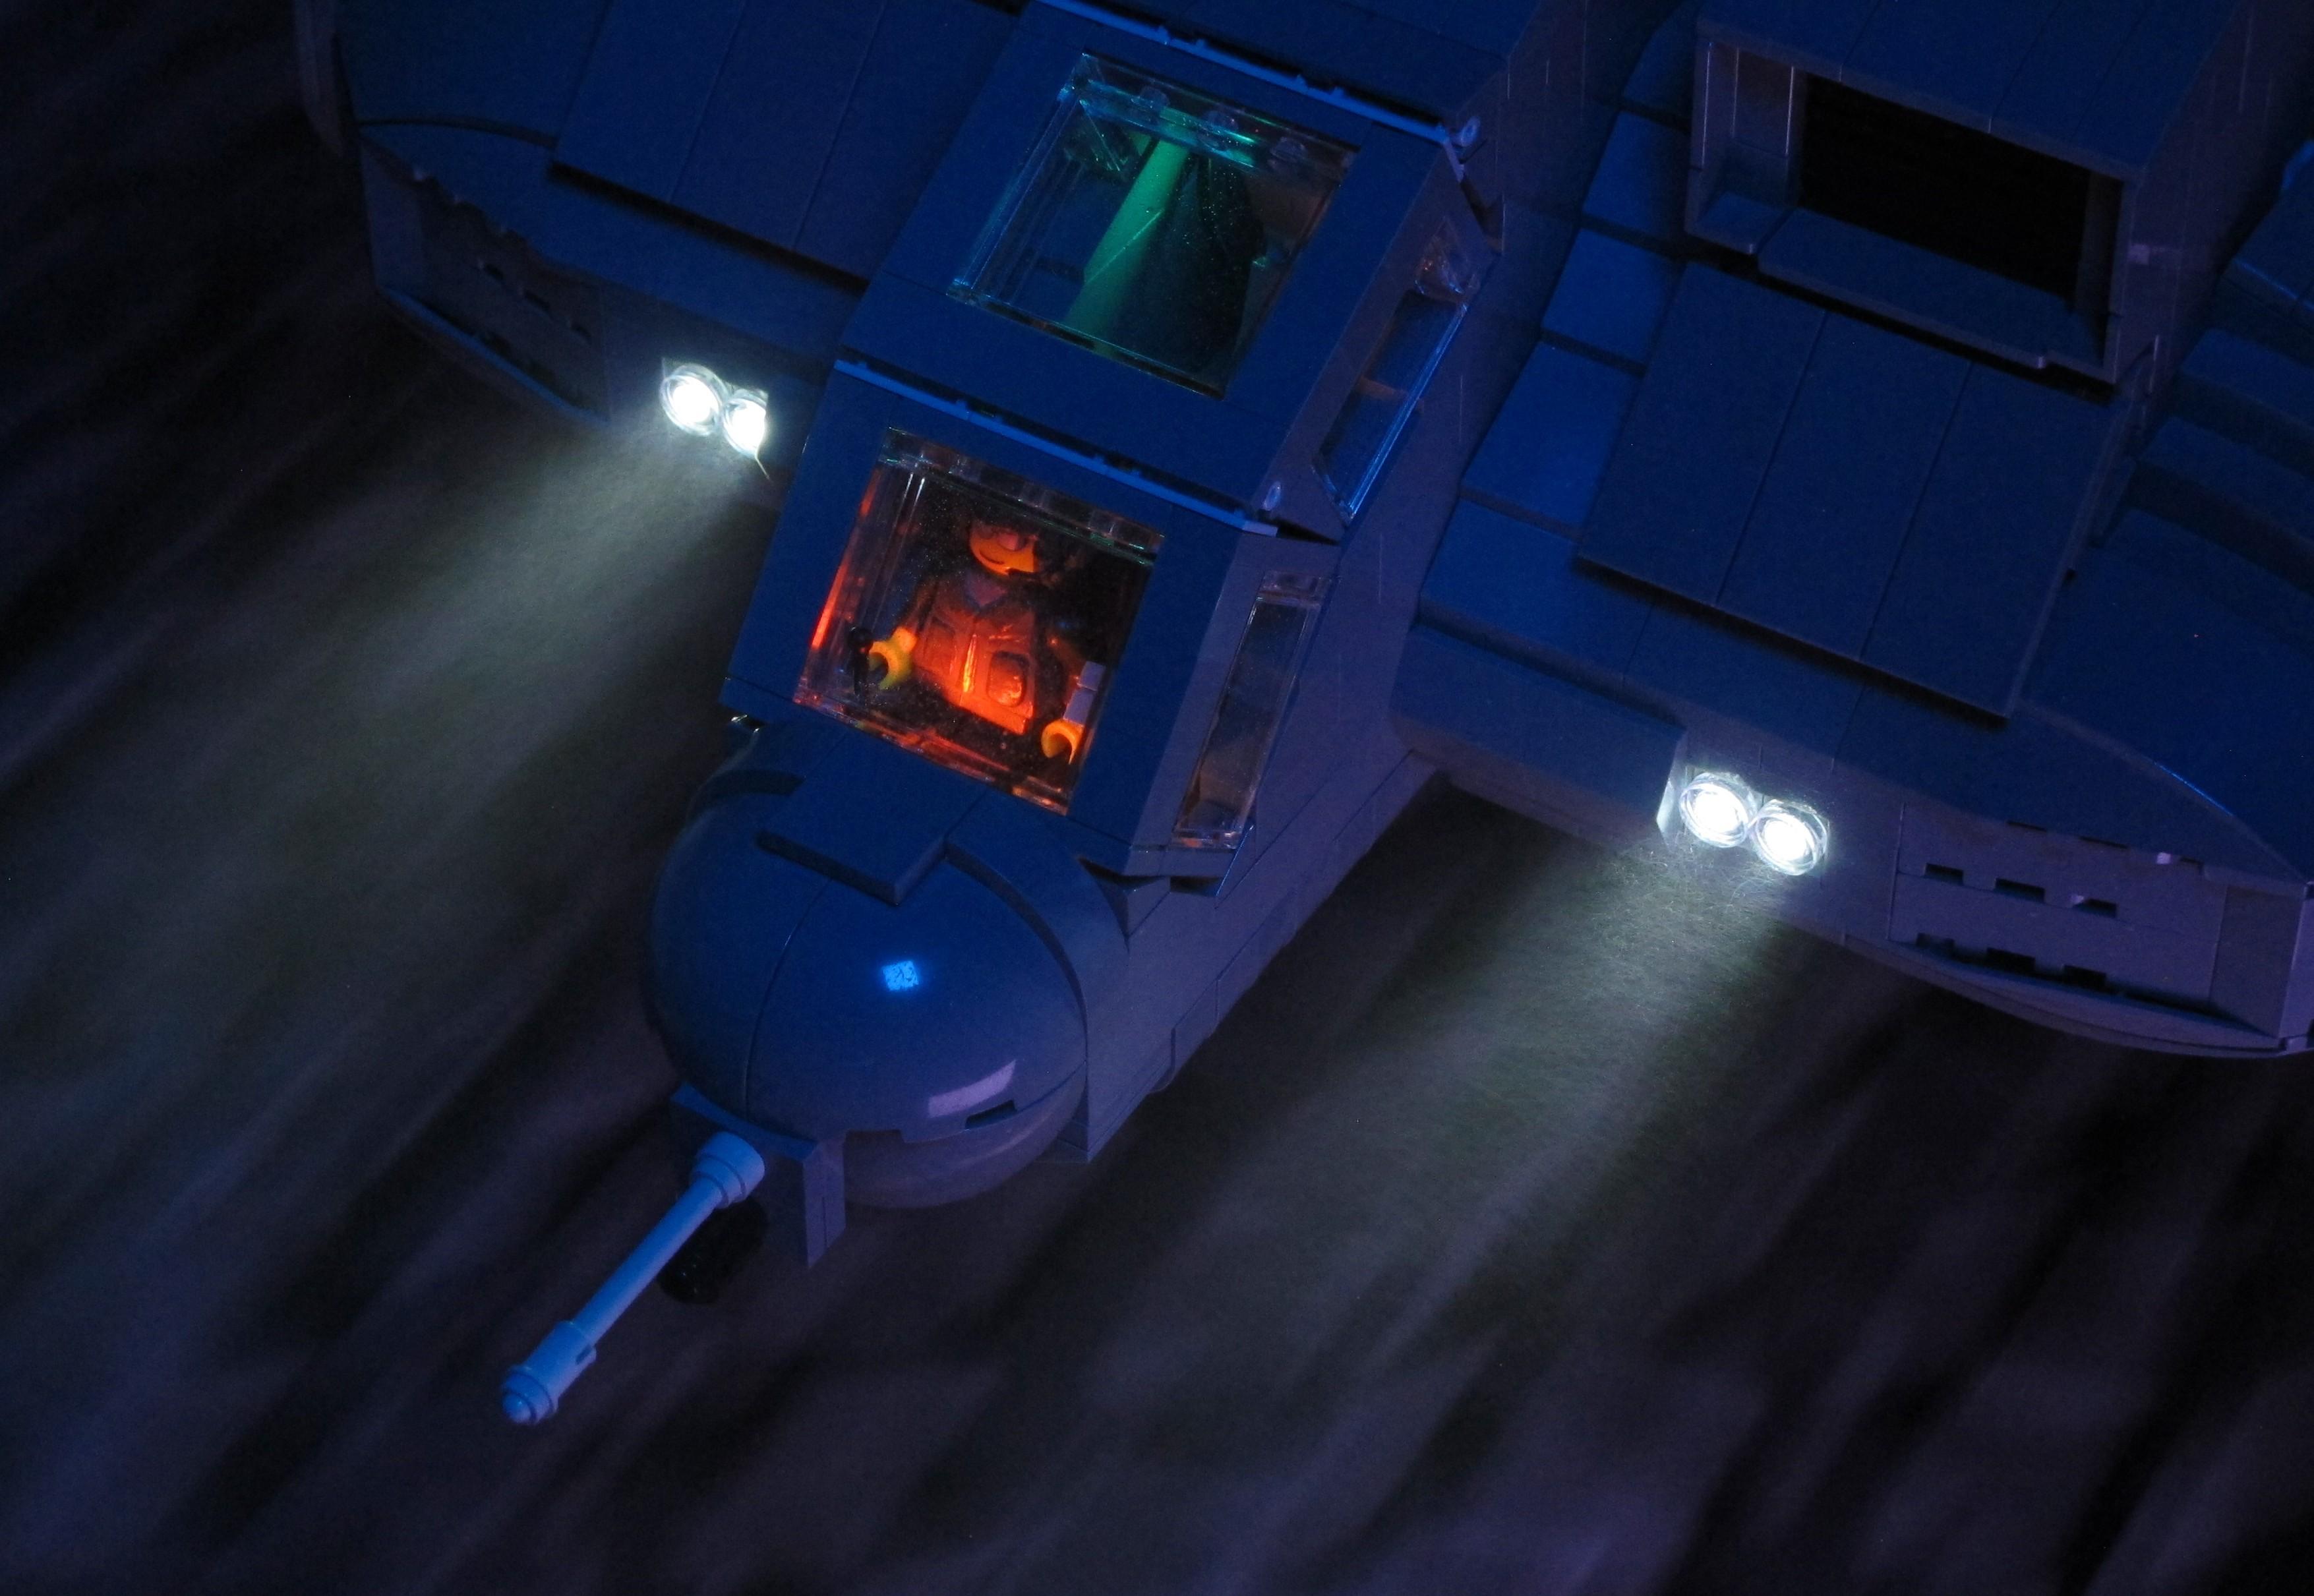 Sfondi : illuminazione movimento nebbia lego alieni guidato